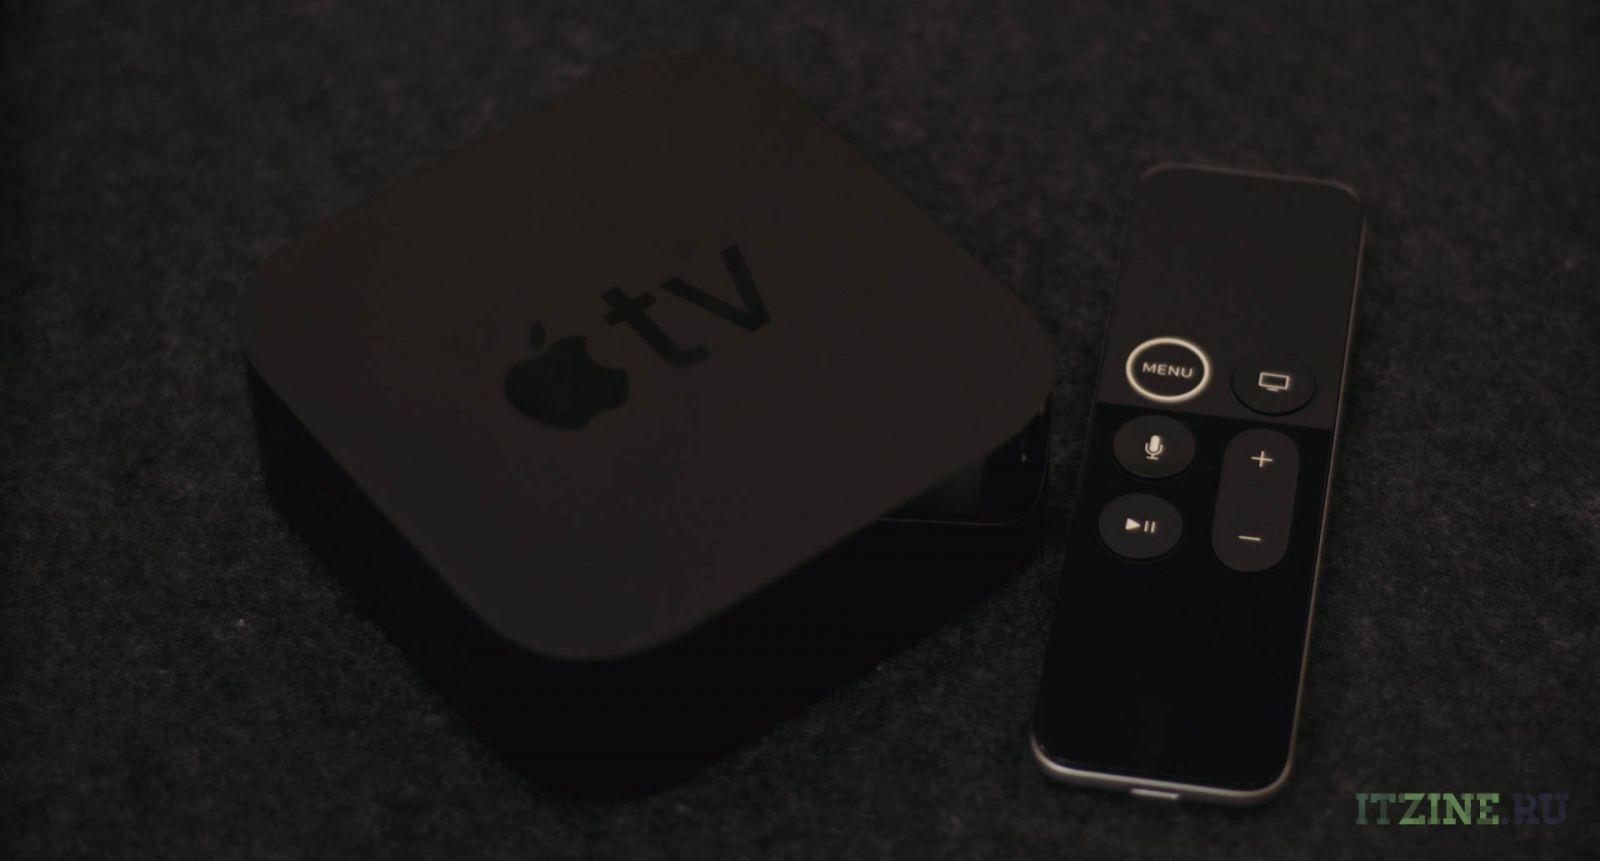 Обзор Apple TV 4K. Другие не нужны (dsc 8045)